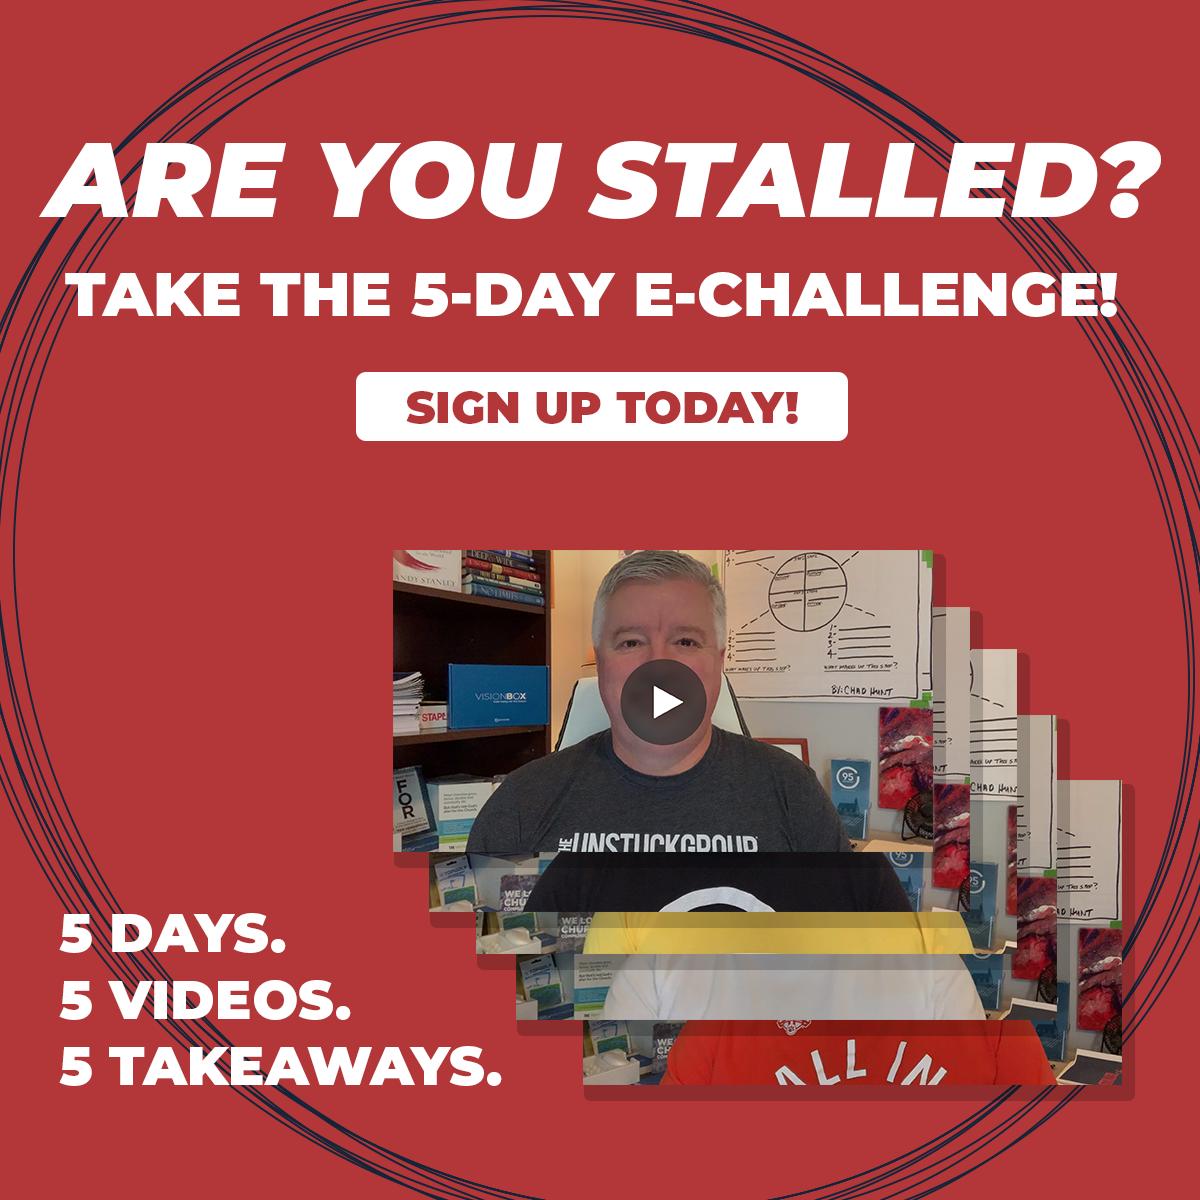 STALLED-CHALLENGE-1